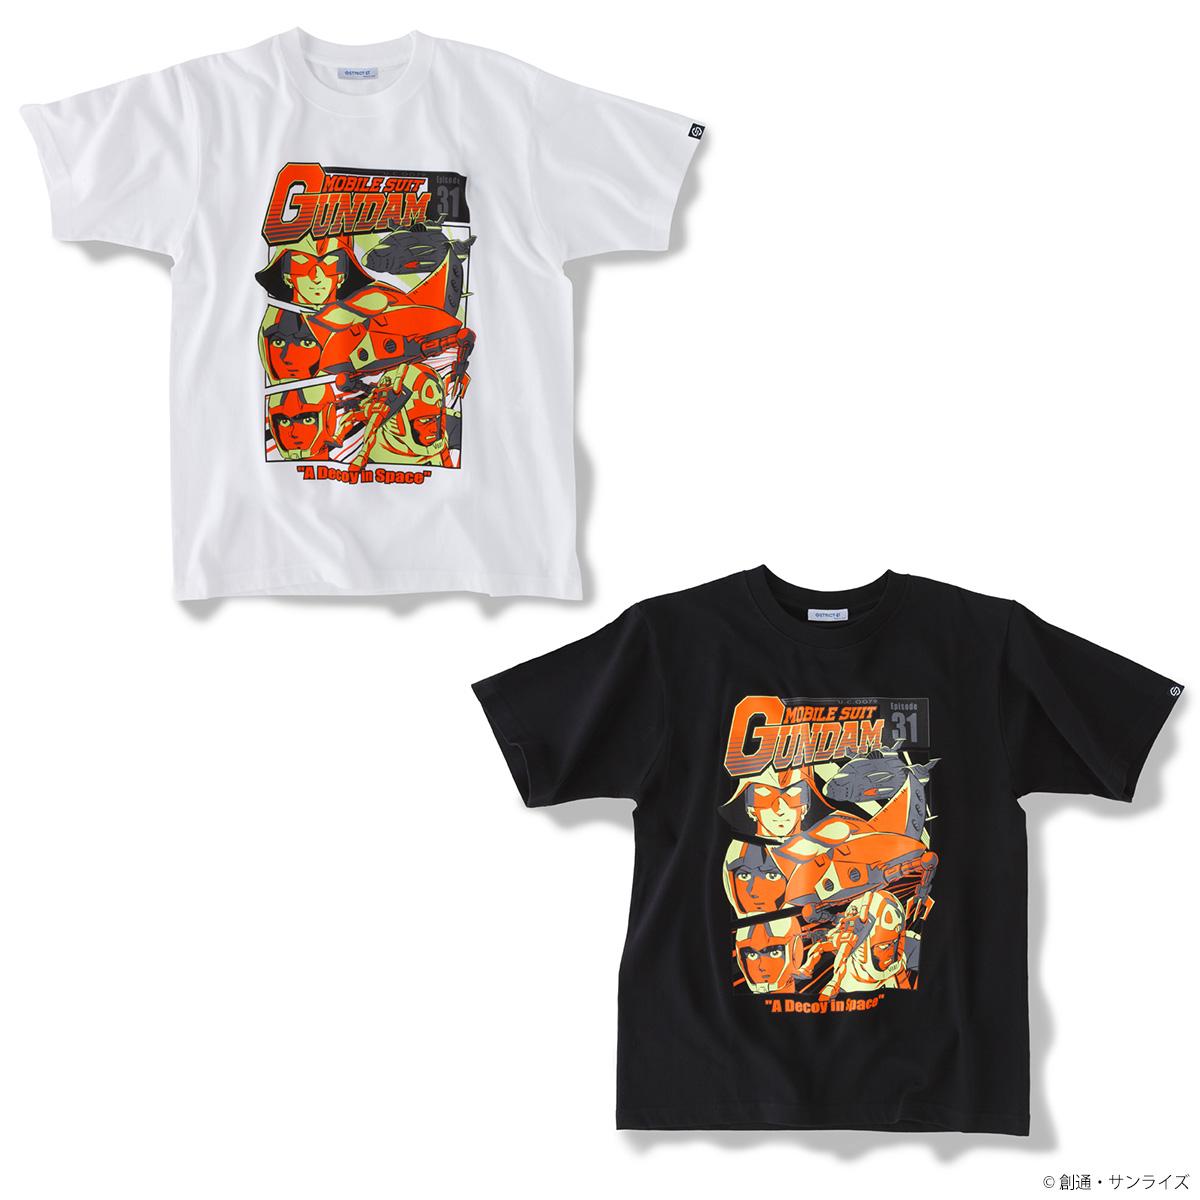 『機動戦士ガンダム』EPISODE Tシャツ エピソード31話「ザンジバル、追撃!」